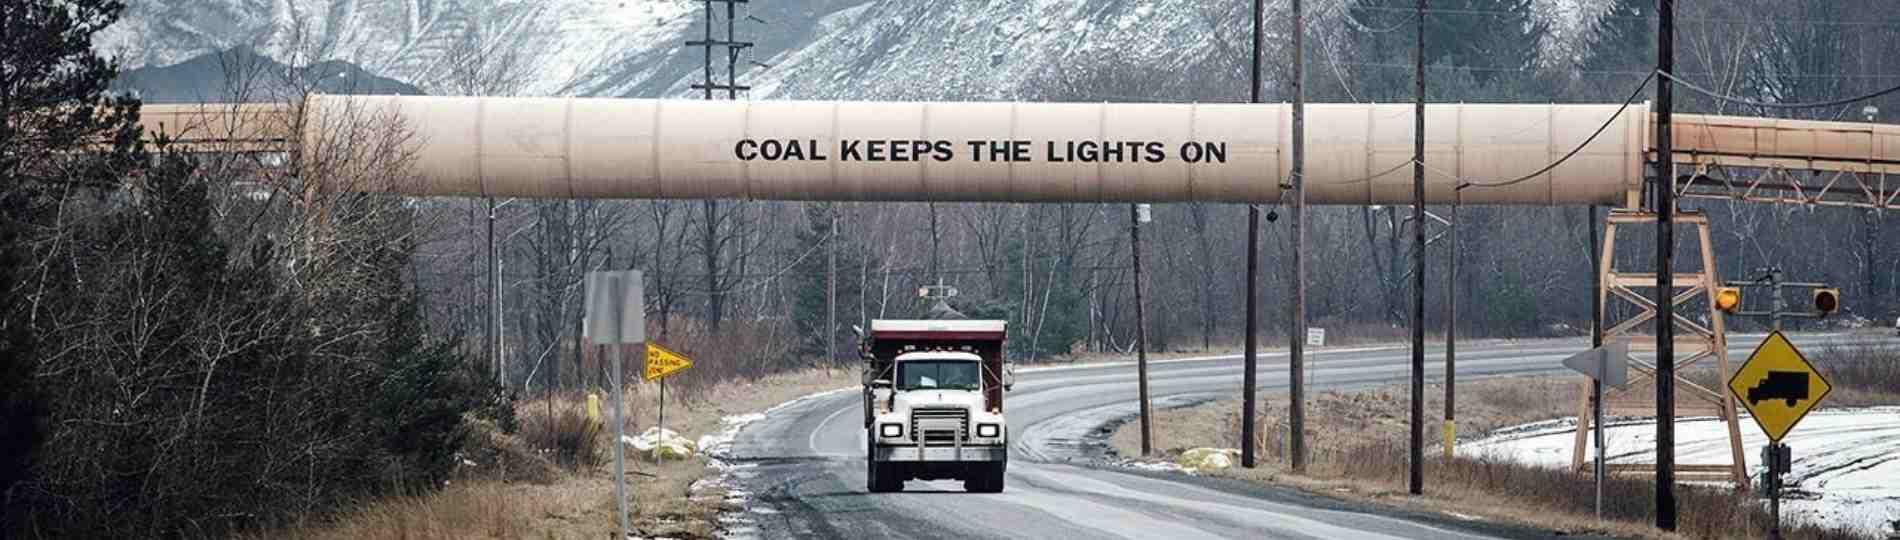 Coal keeps